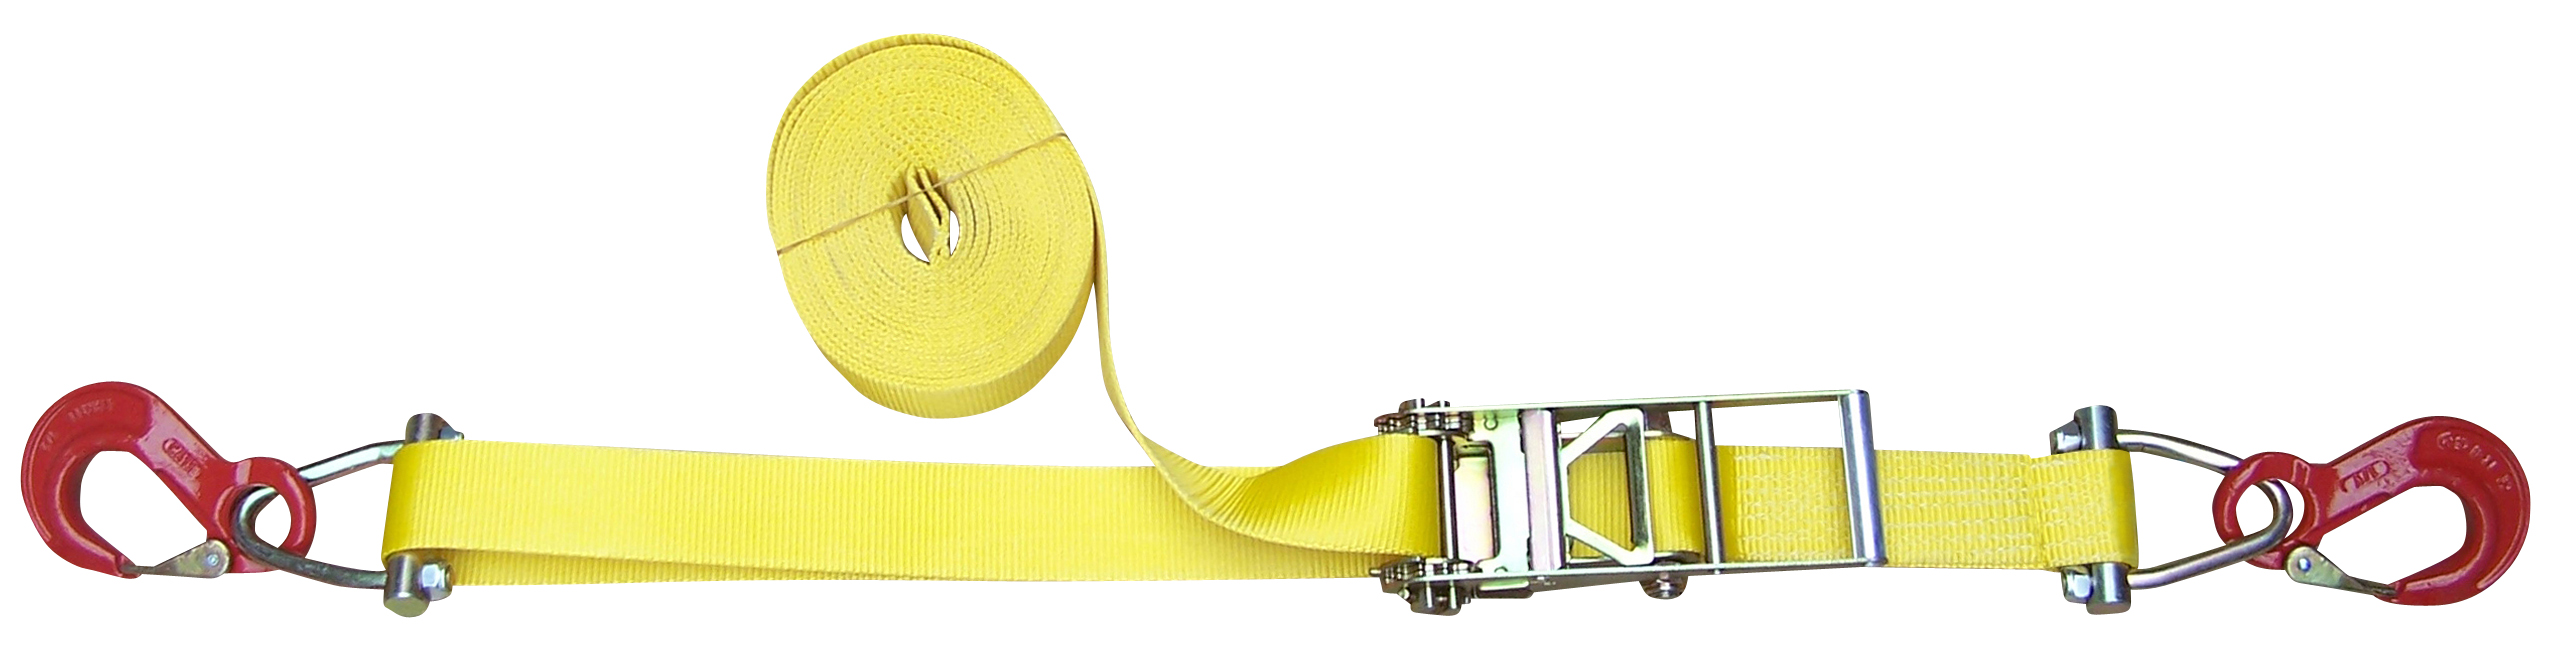 Ratschengurt Tandem zweiteilig, 75 mm